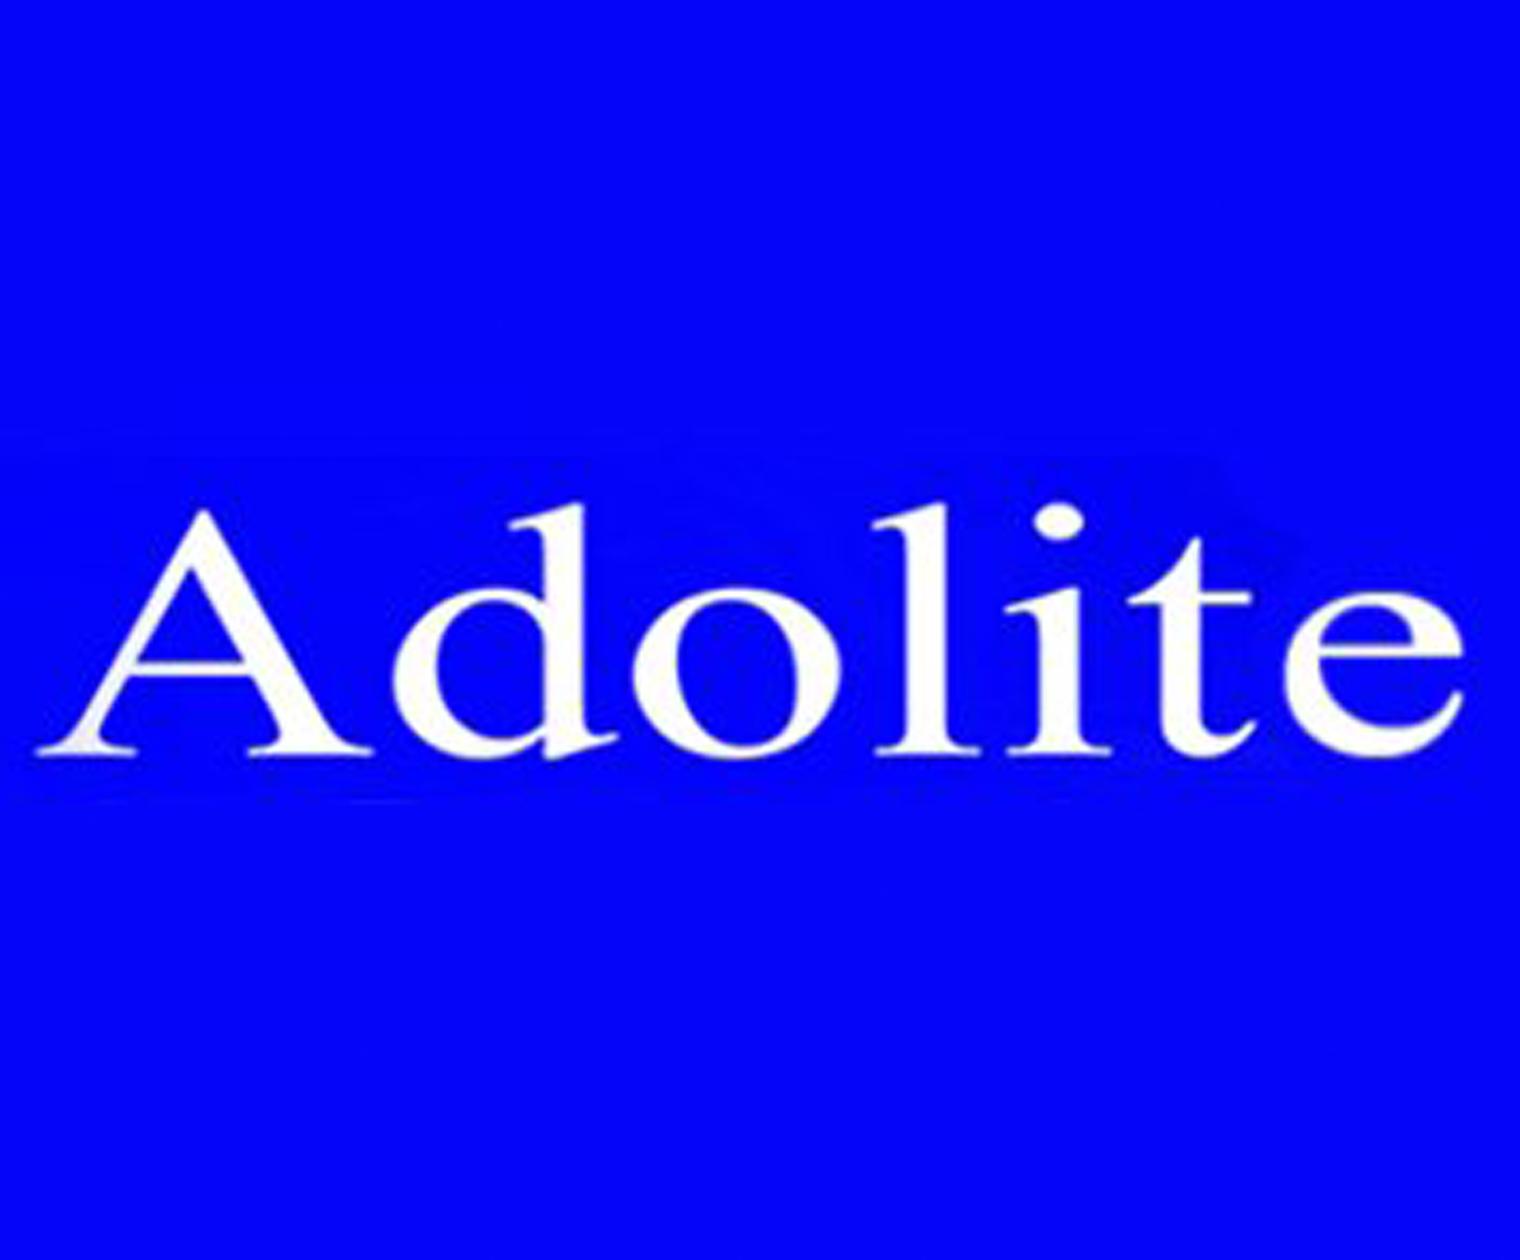 adolite header